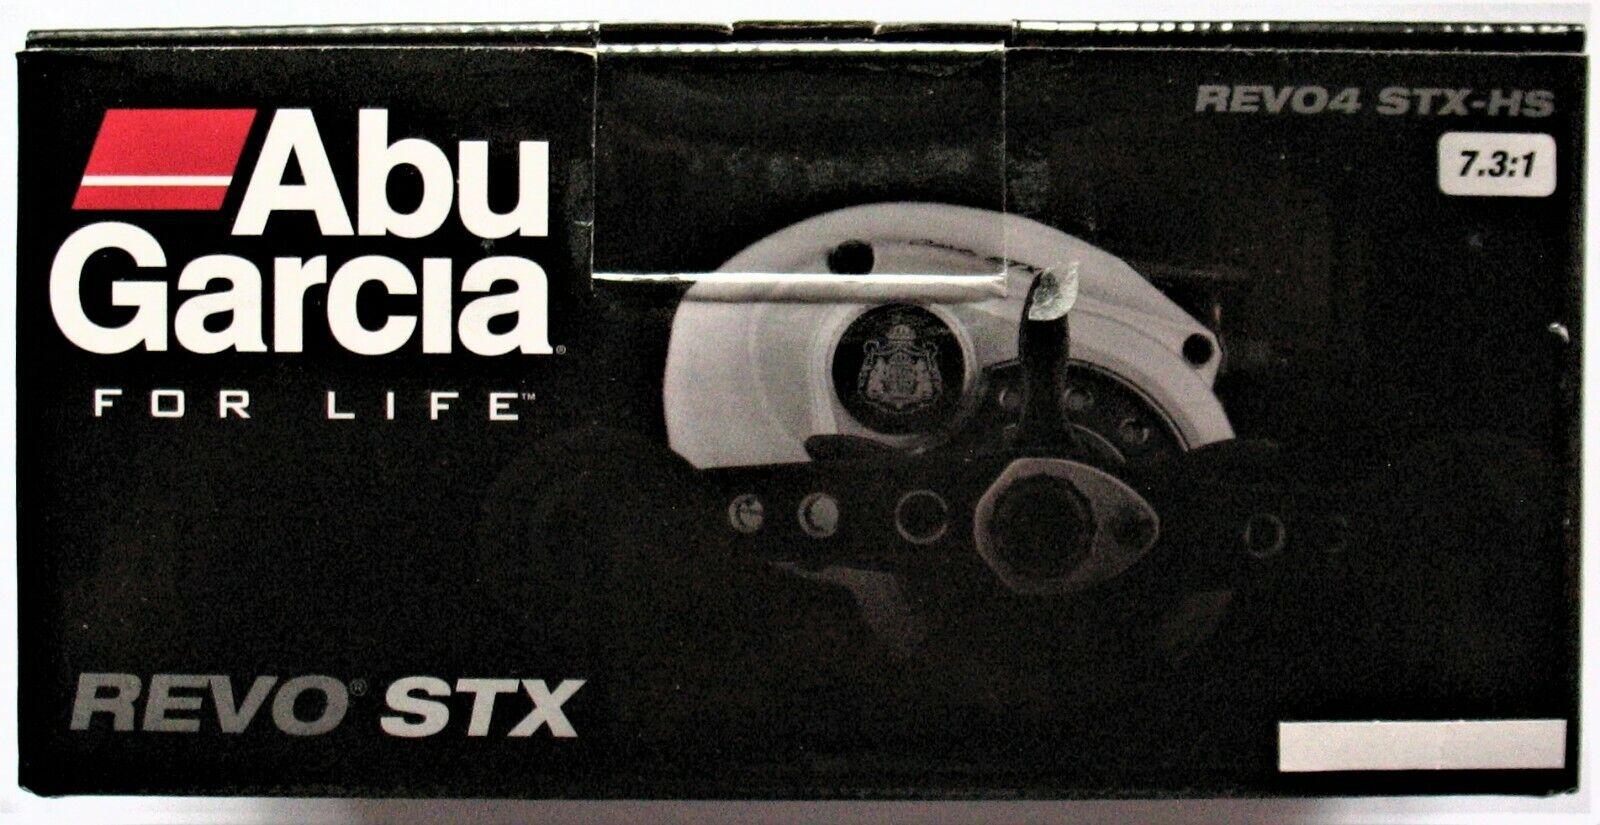 Abu Garcia Revo 4 STX-HS mano derecha         envío gratuito de velocidad de urdimbre